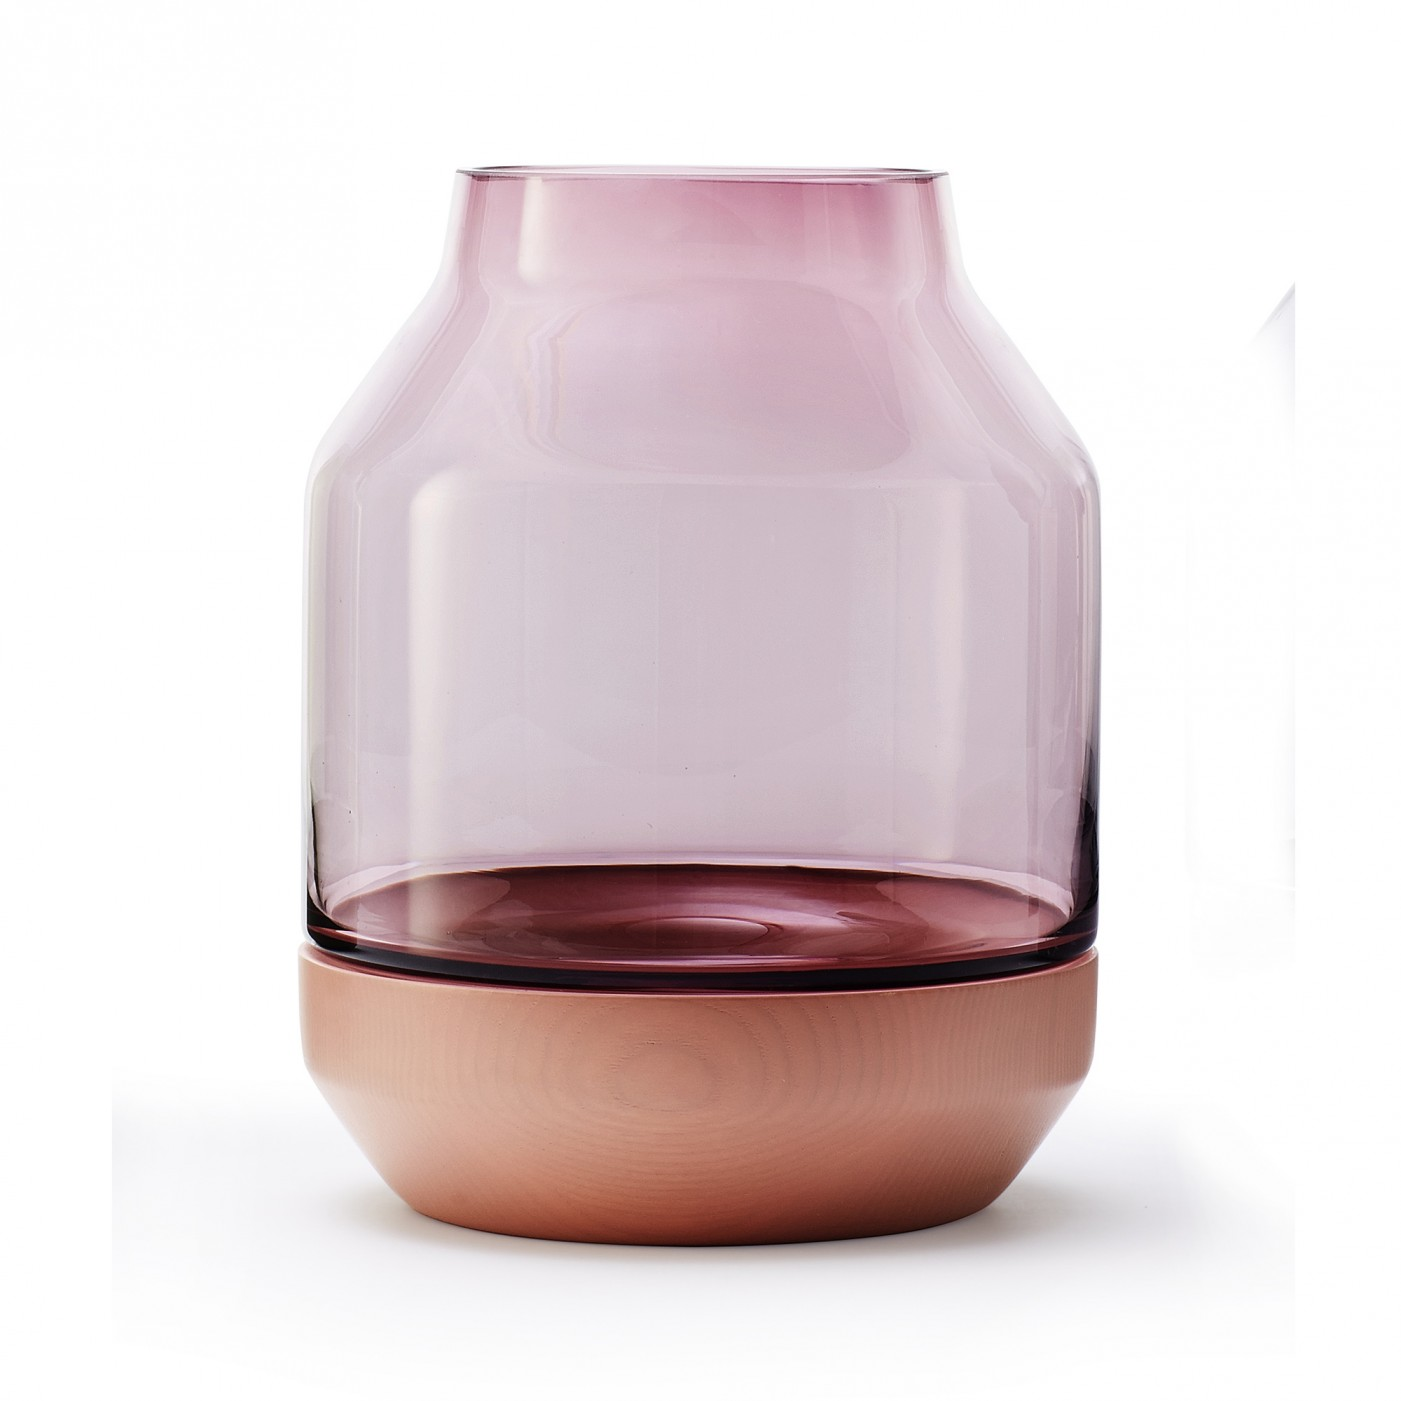 'Elevated' vase in pink.